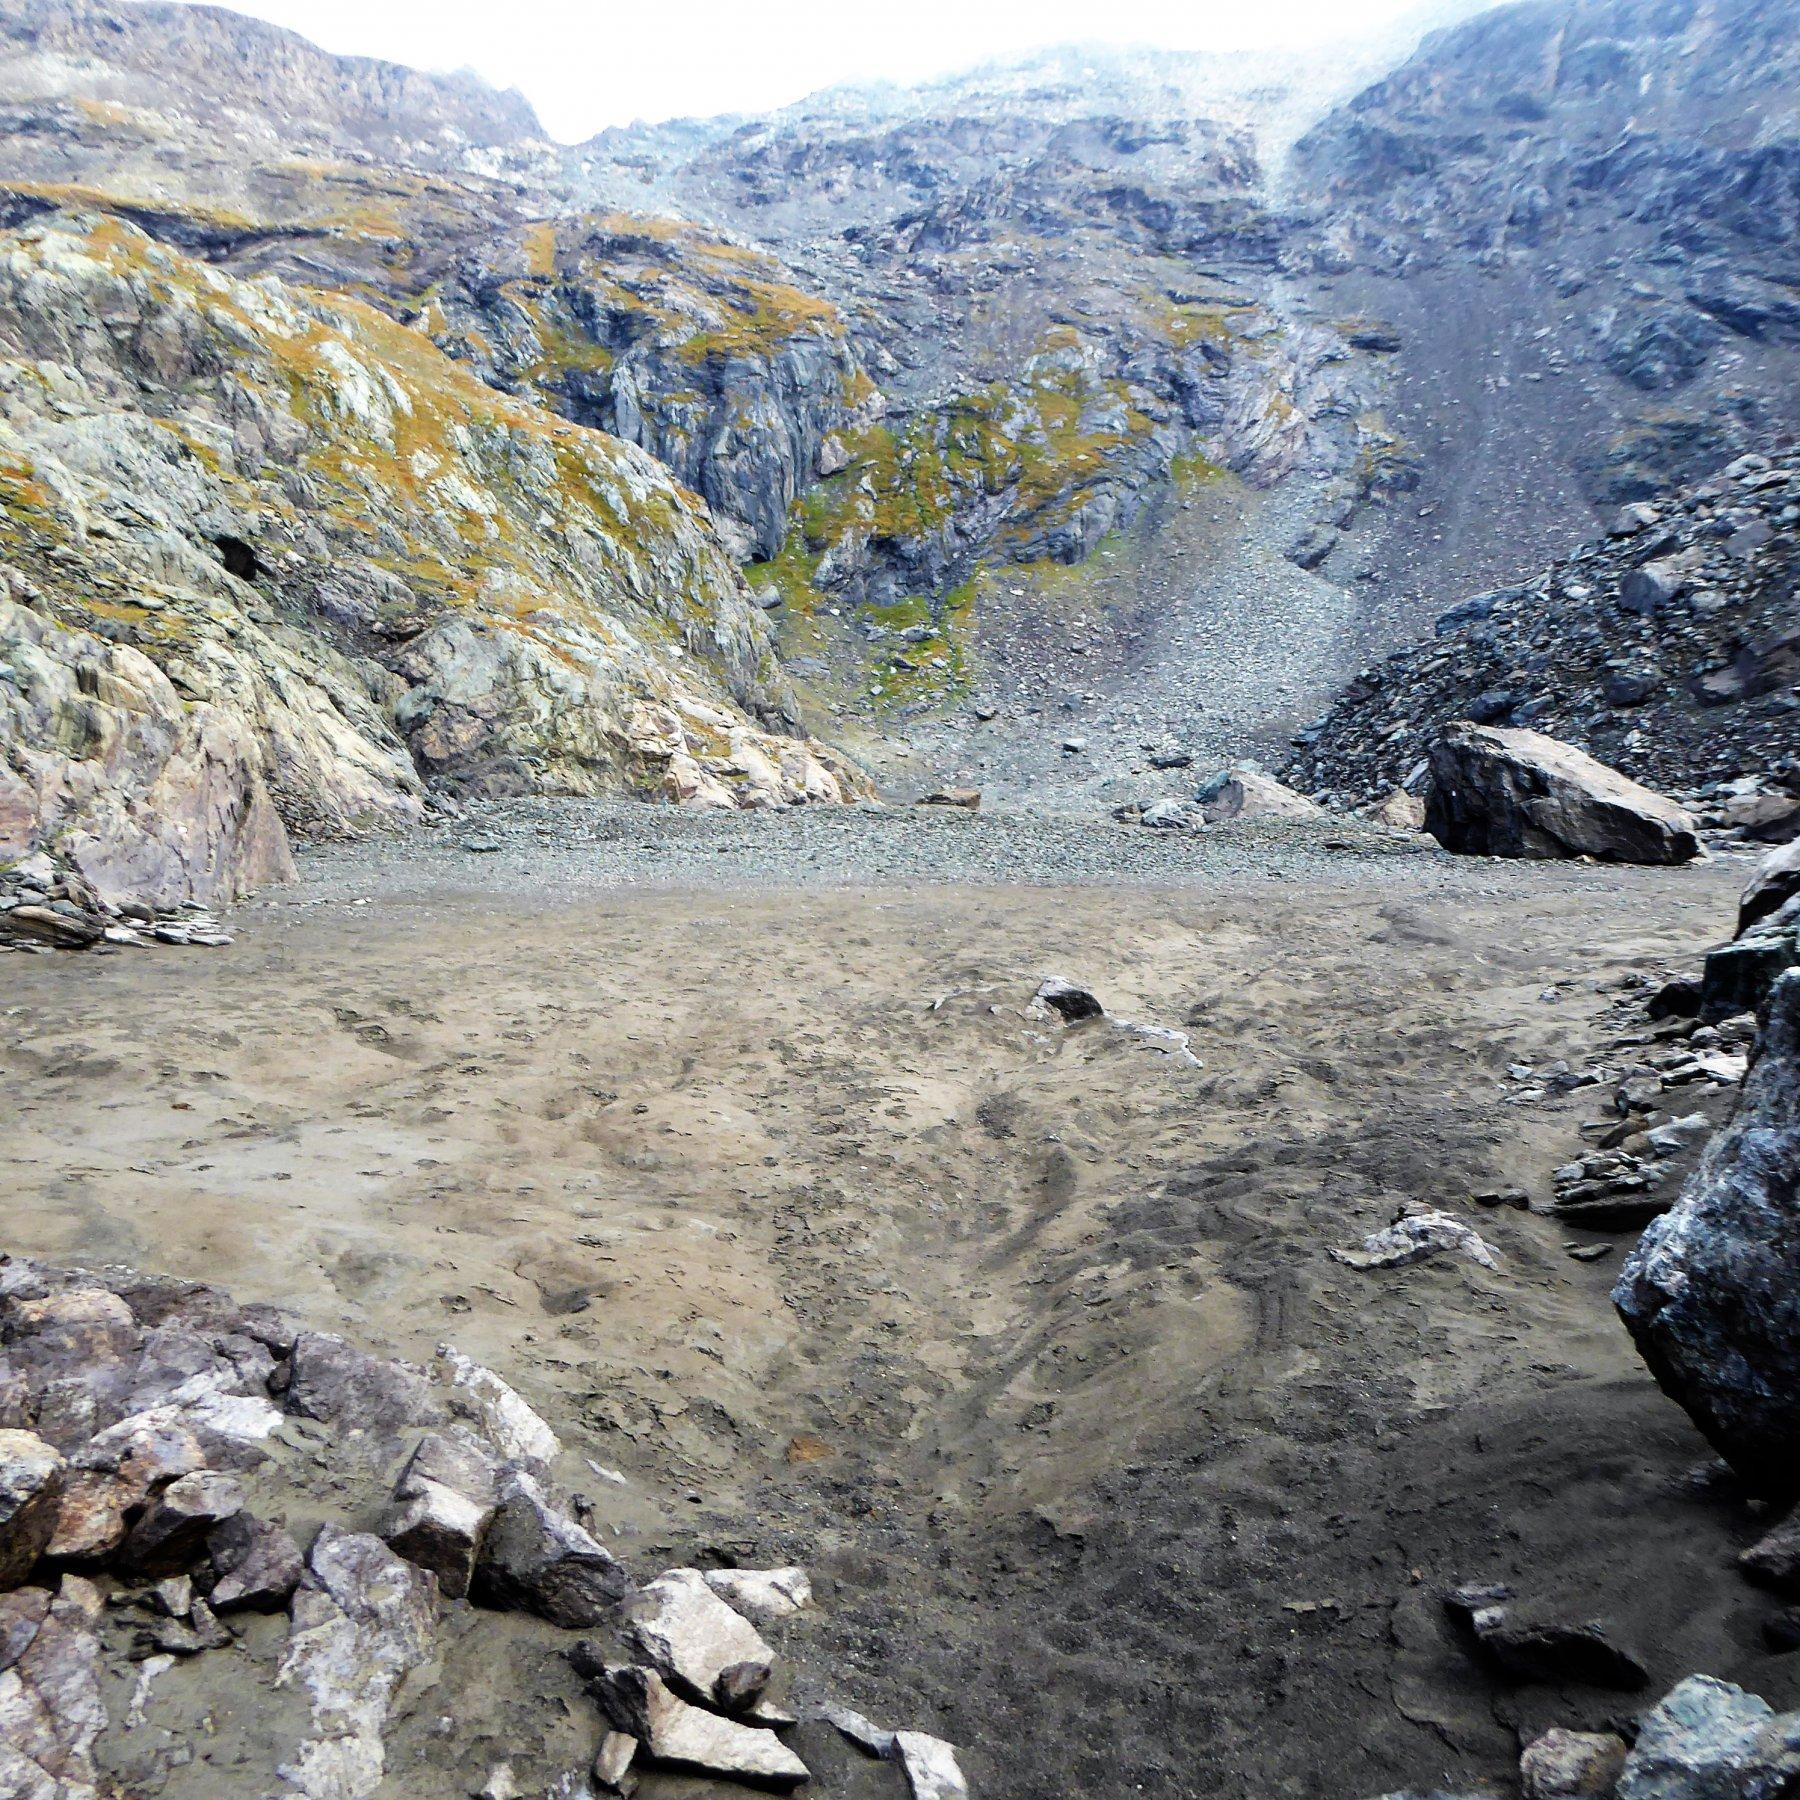 Il letto del lago asciutto a 2825 metri